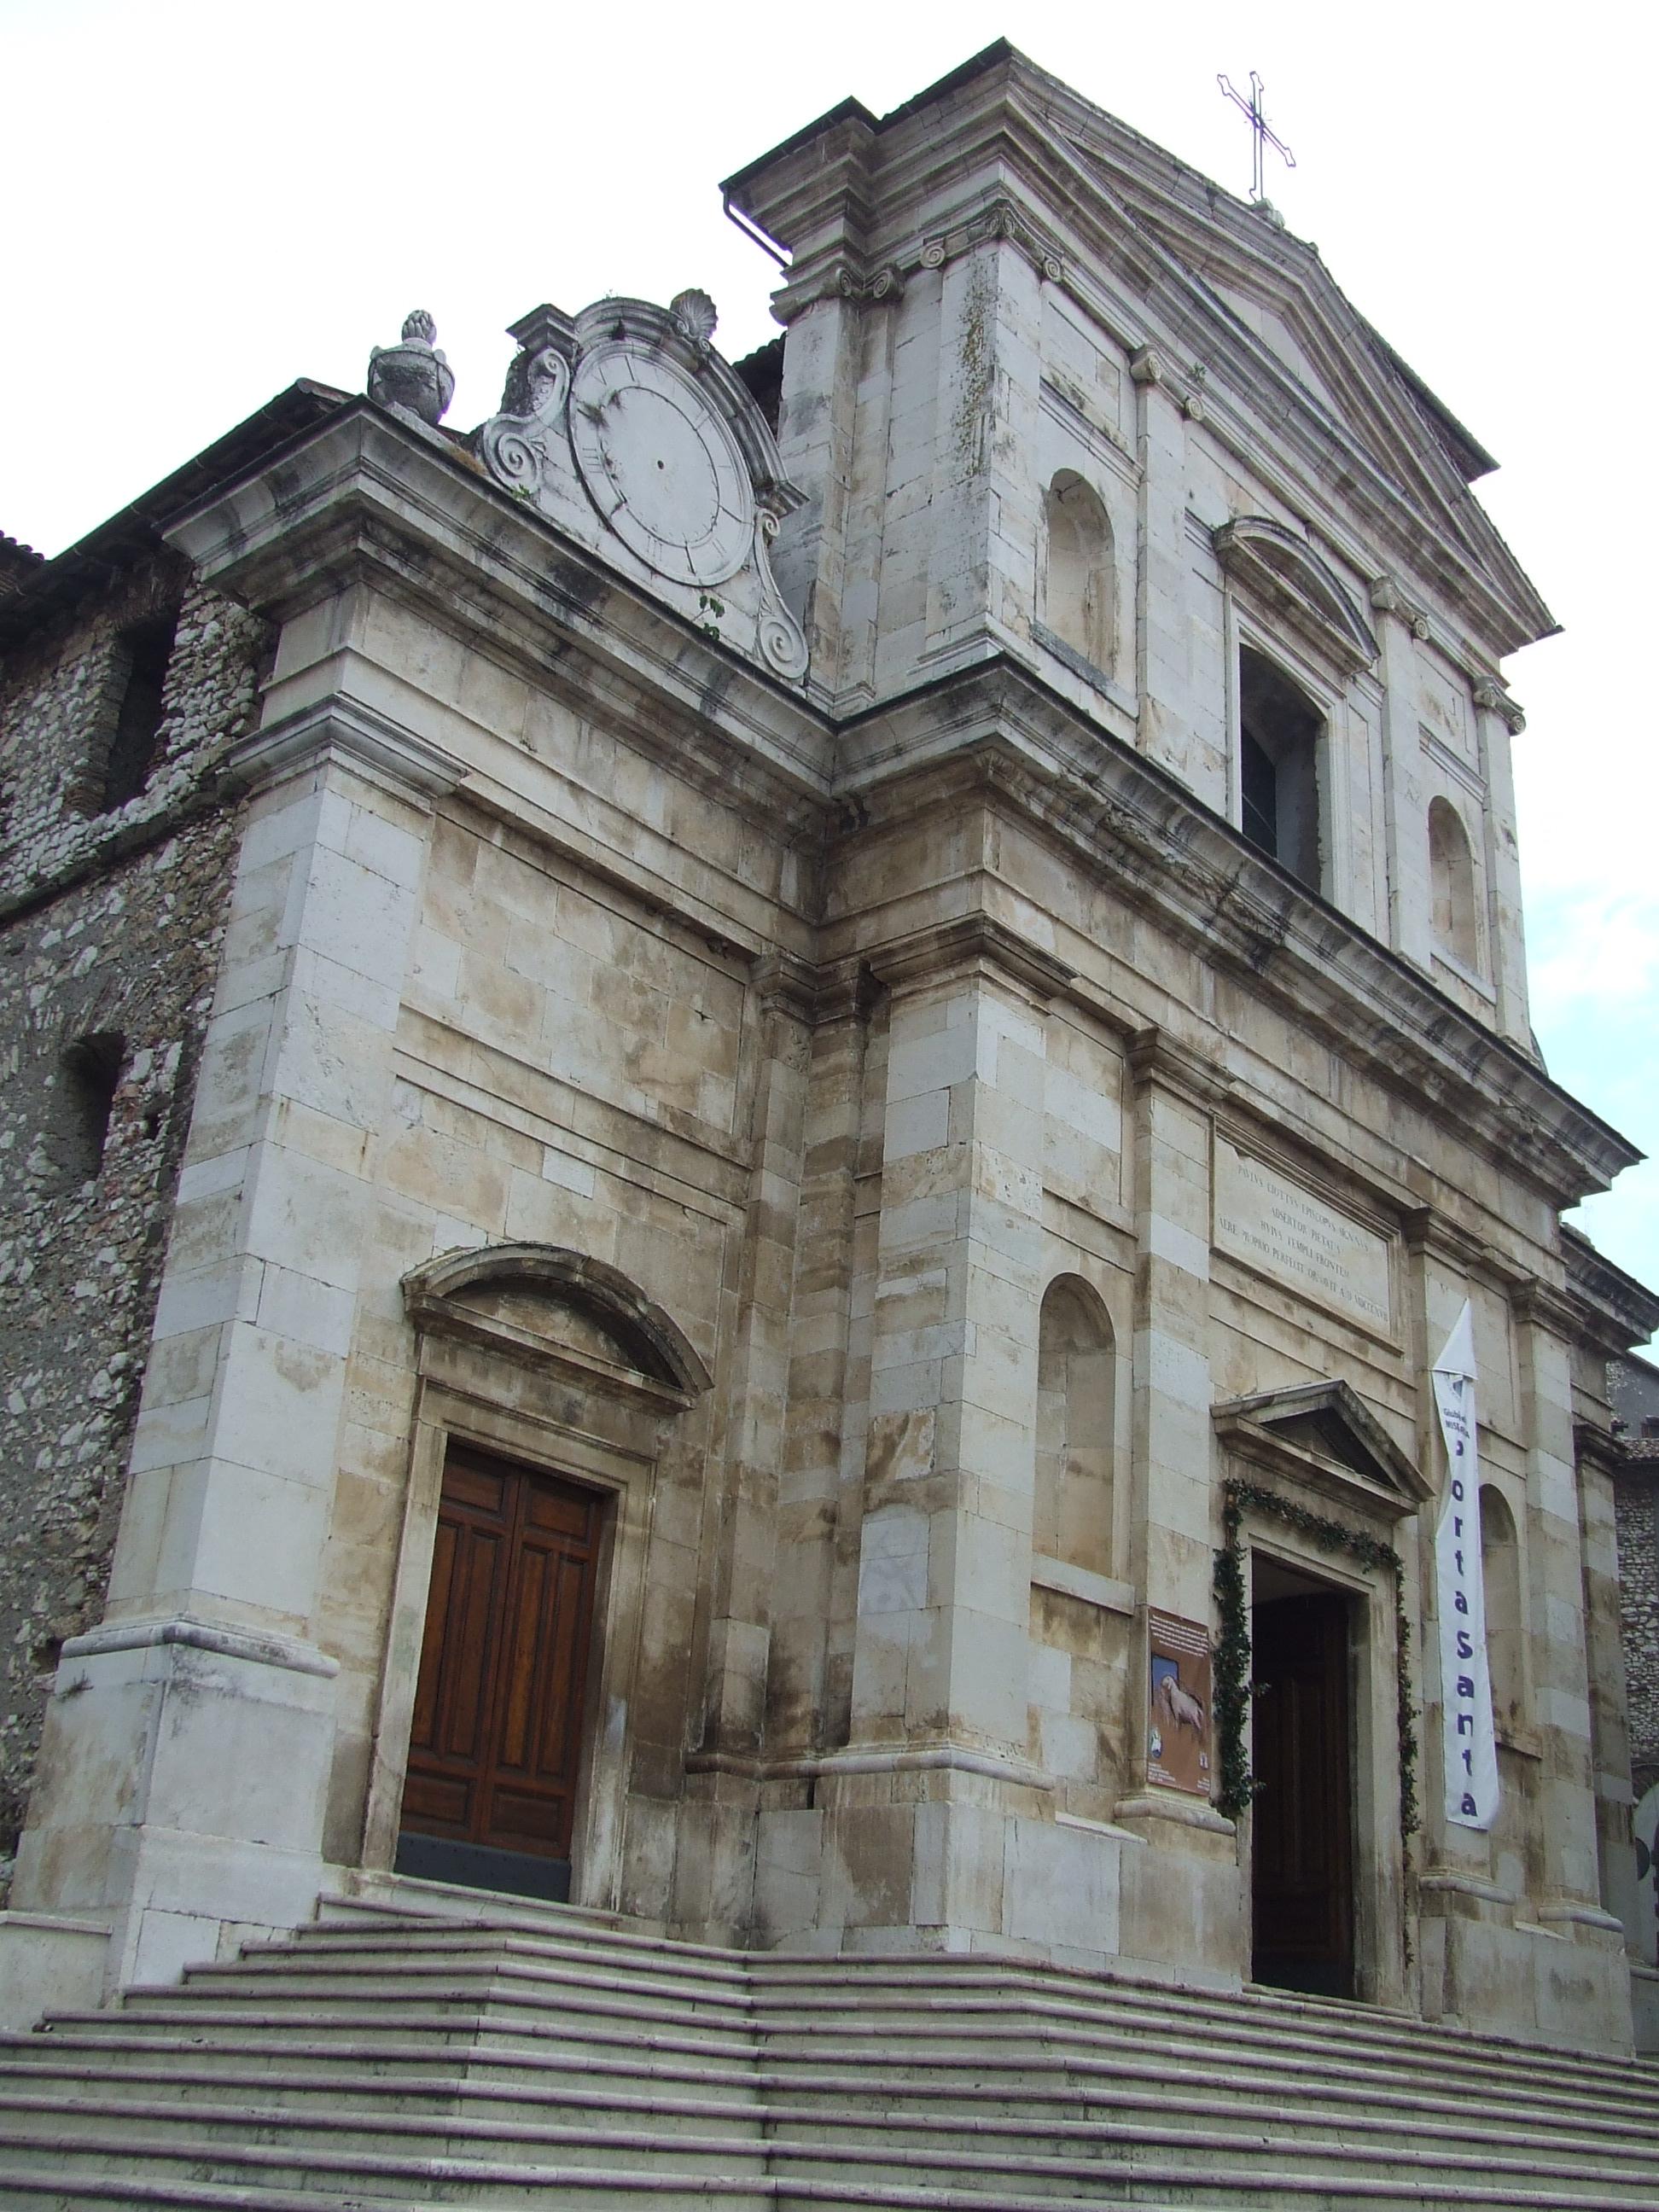 ill. 1: Cattedrale di S. Maria Assunta (sec. XVII)